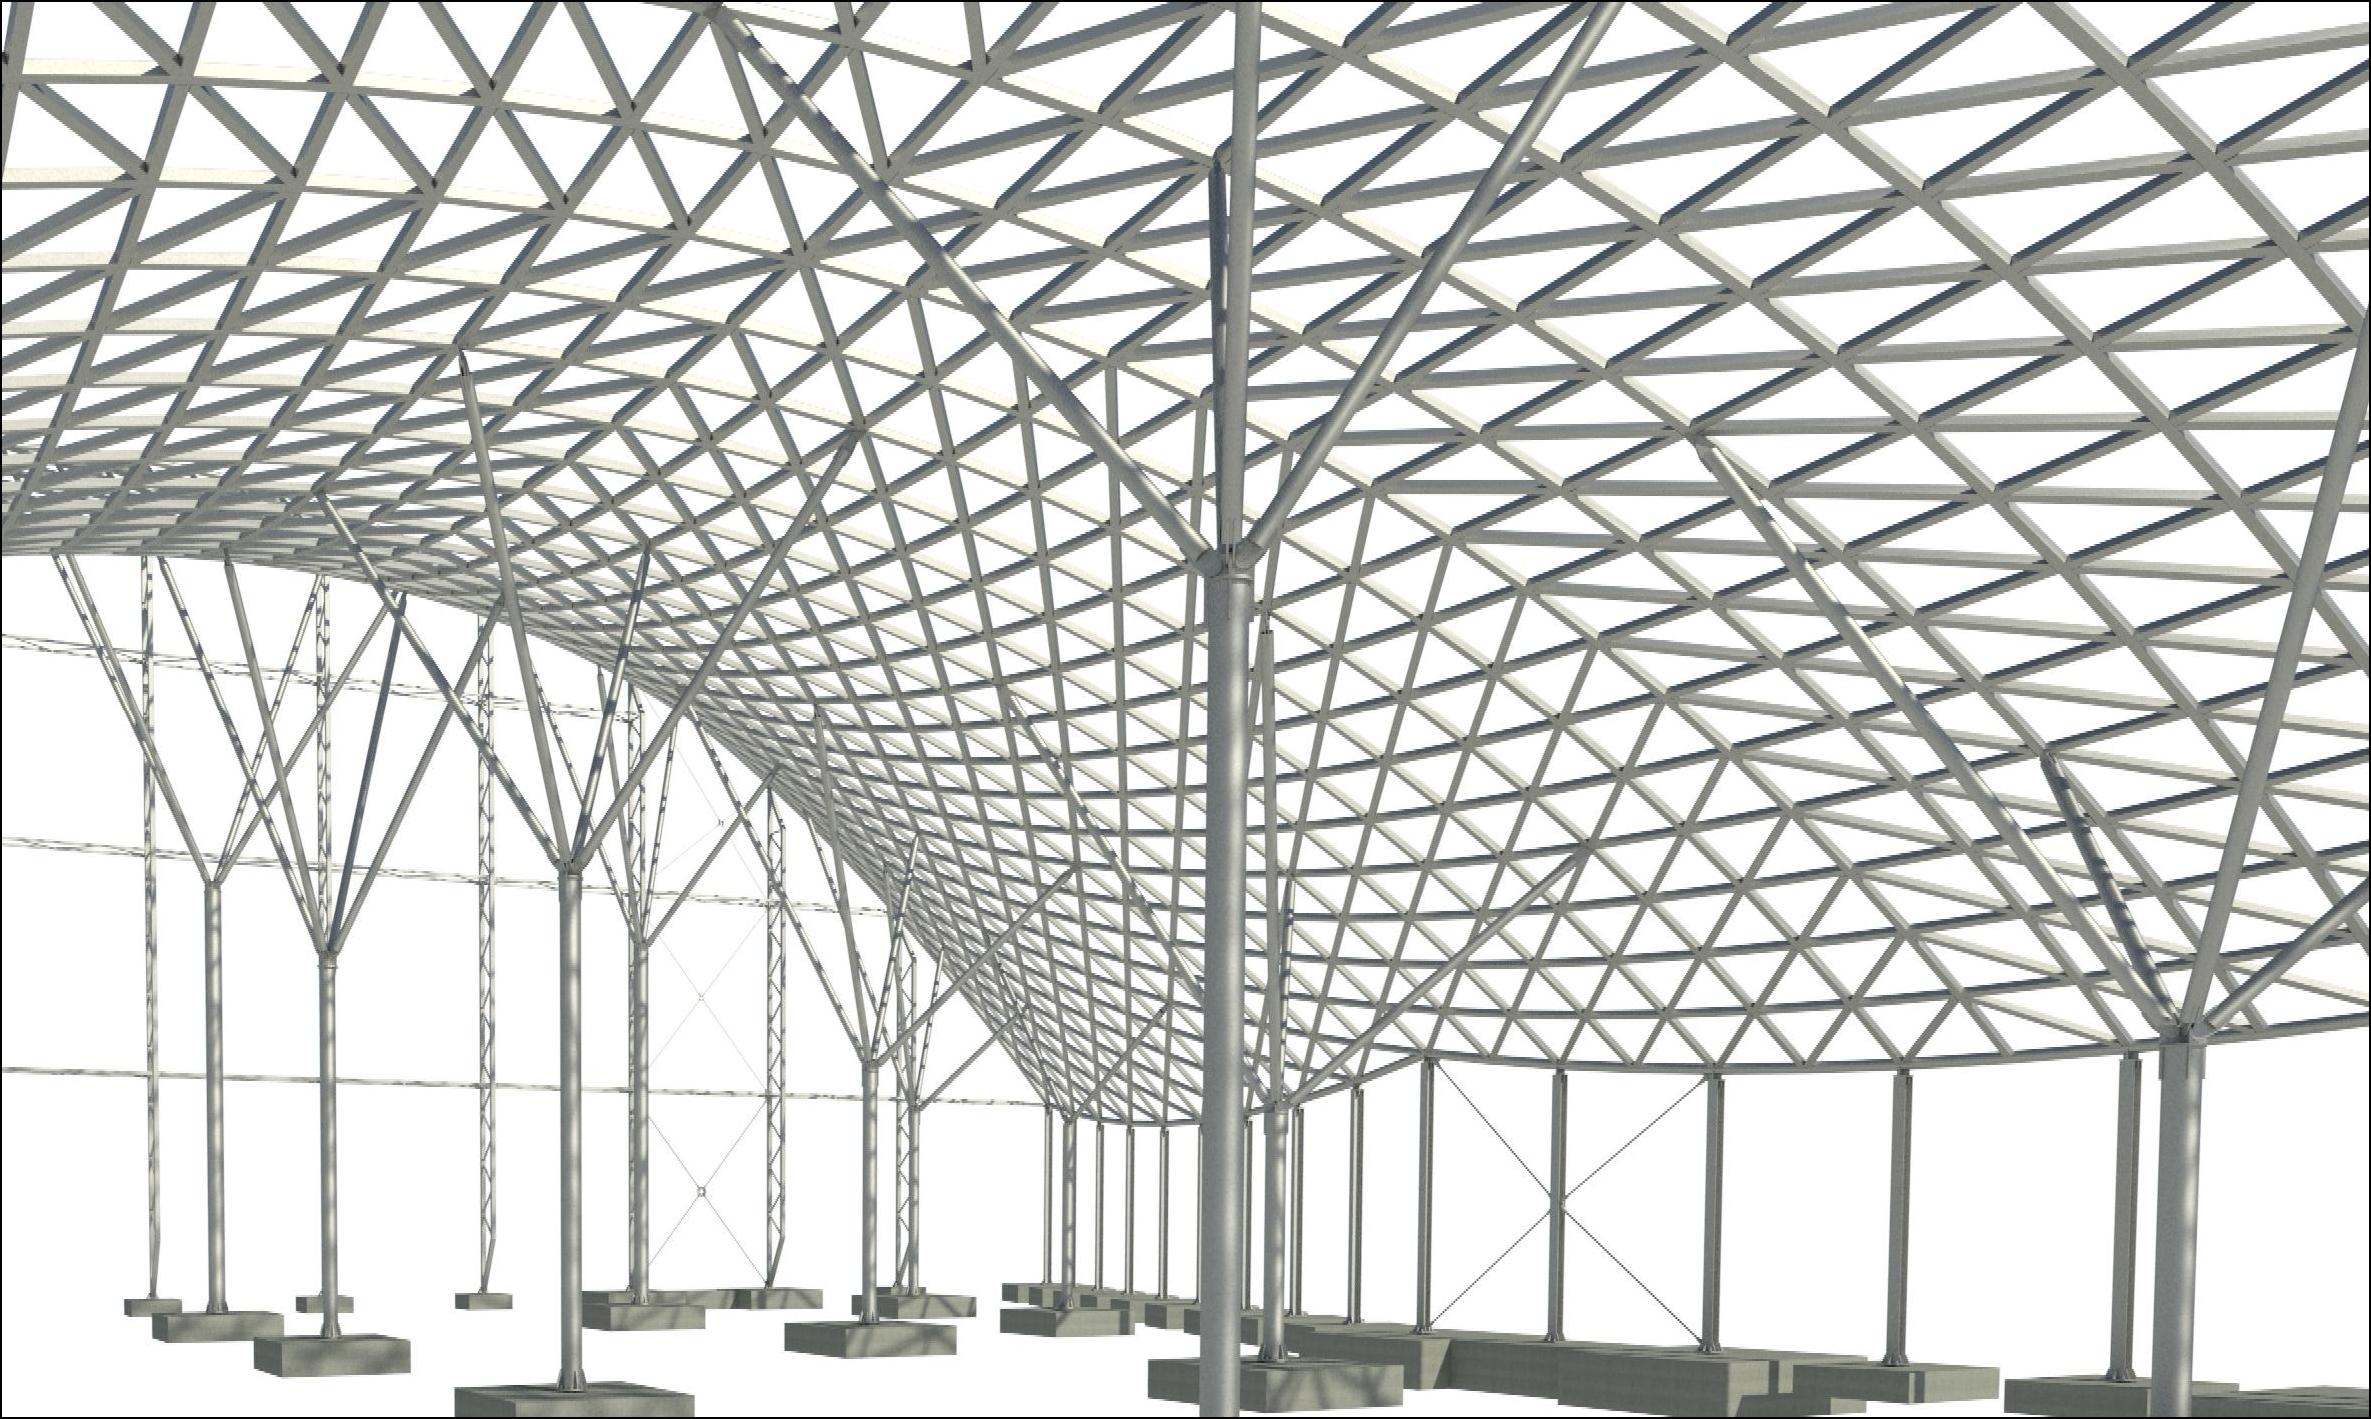 Projekt konstrukcji budynku terminalu lotniczego